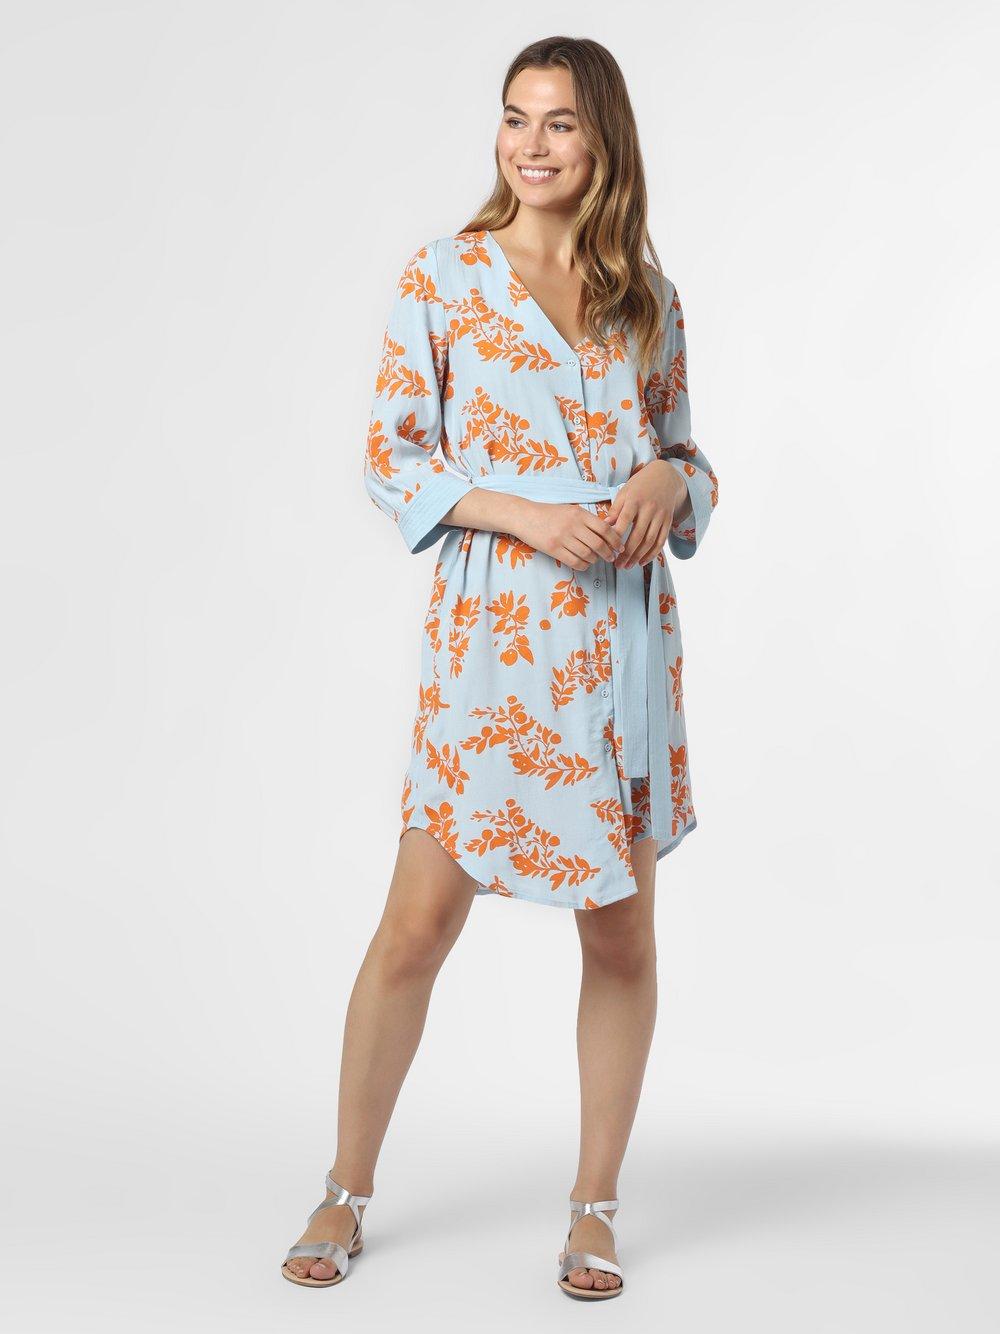 Y.A.S – Sukienka damska – YASRosea, niebieski Van Graaf 474307-0001-09960